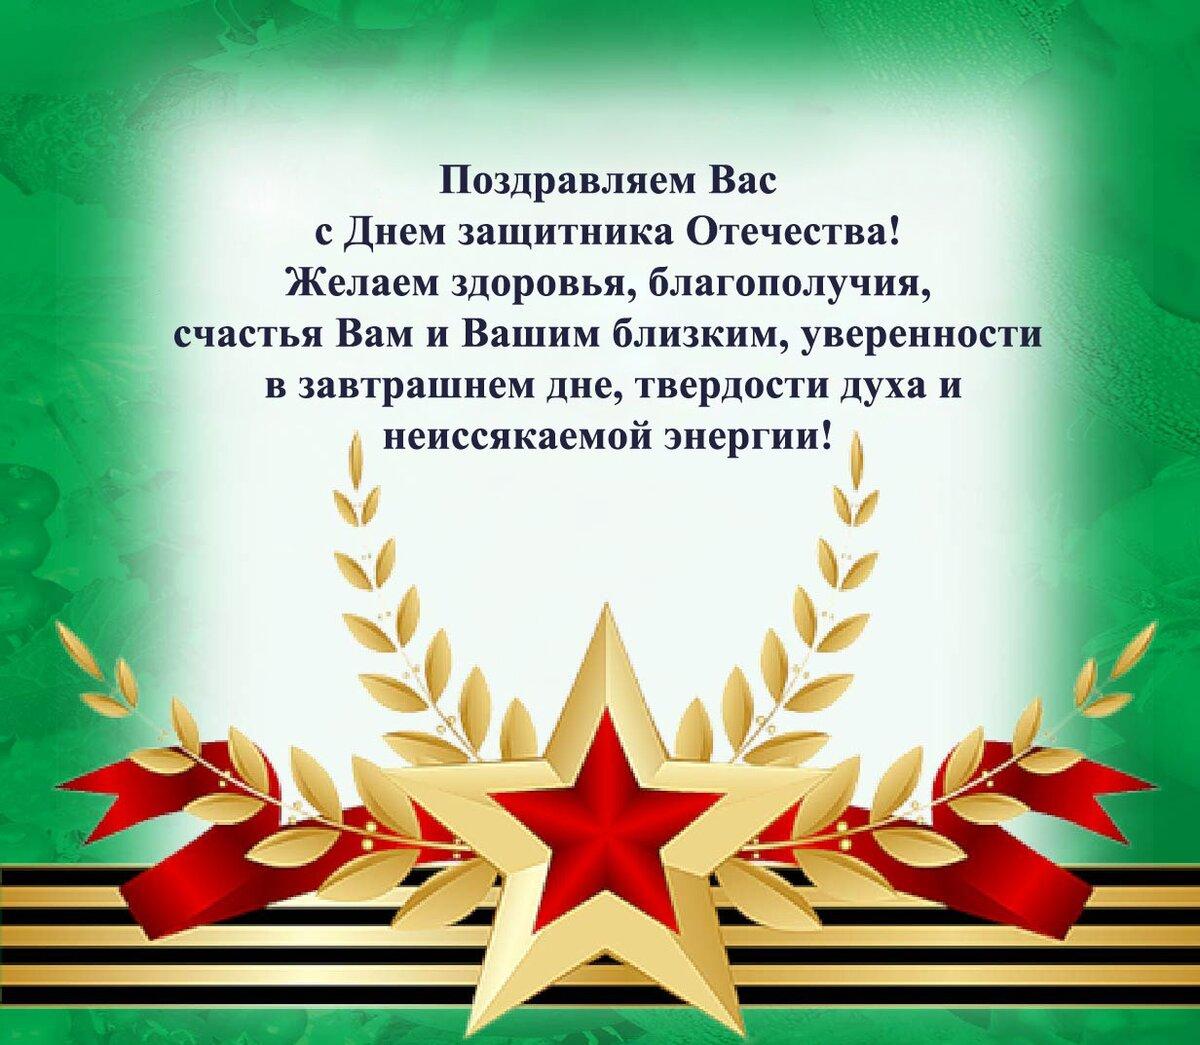 Поздравления с днем защитника 23 февраля в прозе